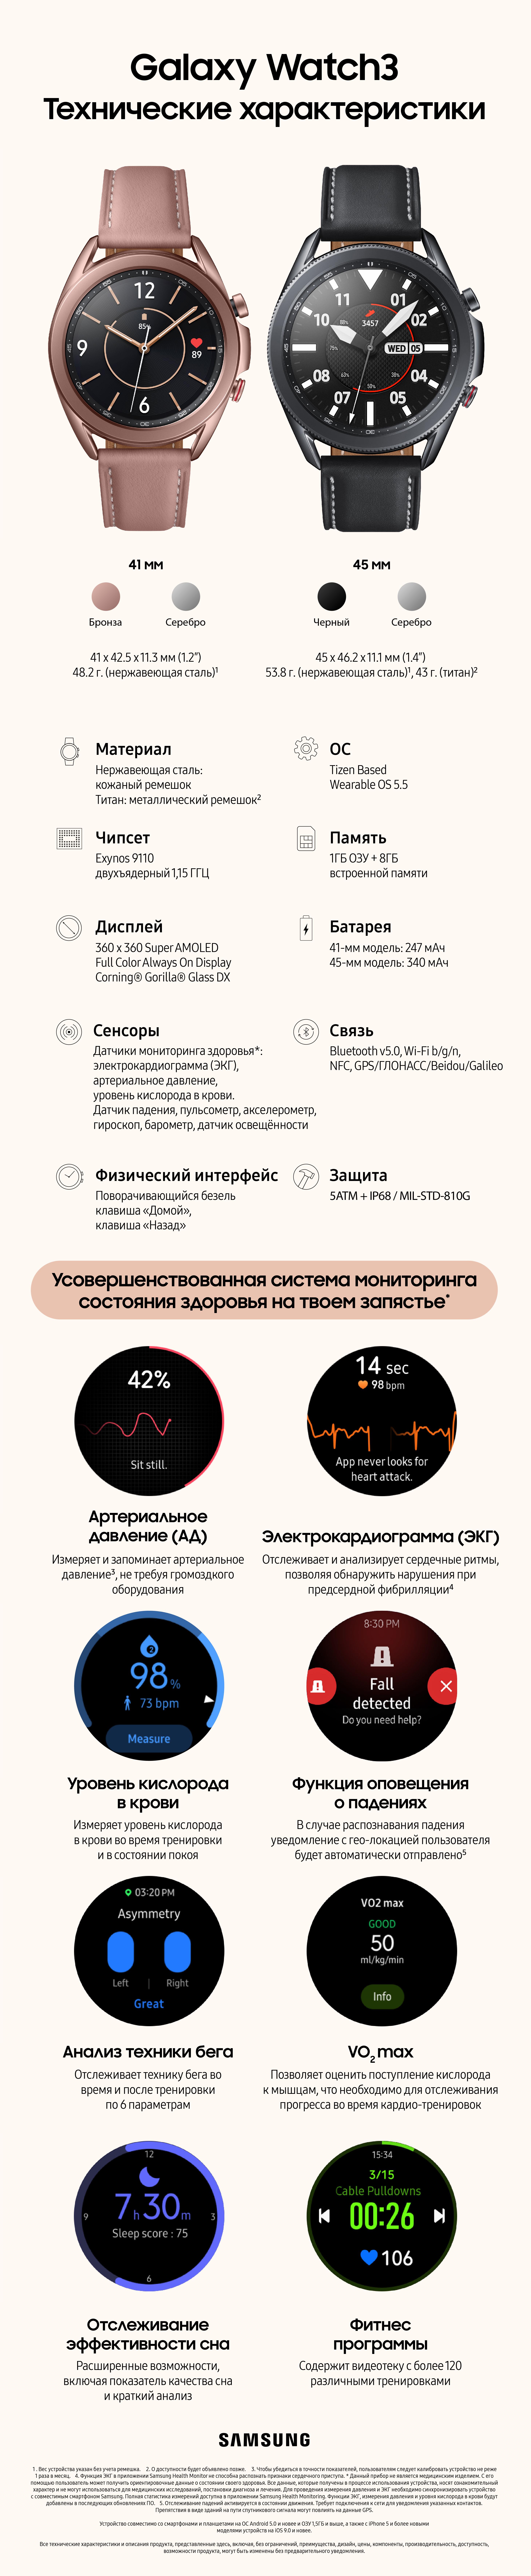 [Инфографика]: универсальные Galaxy Watch3 с функциями мониторинга здоровья